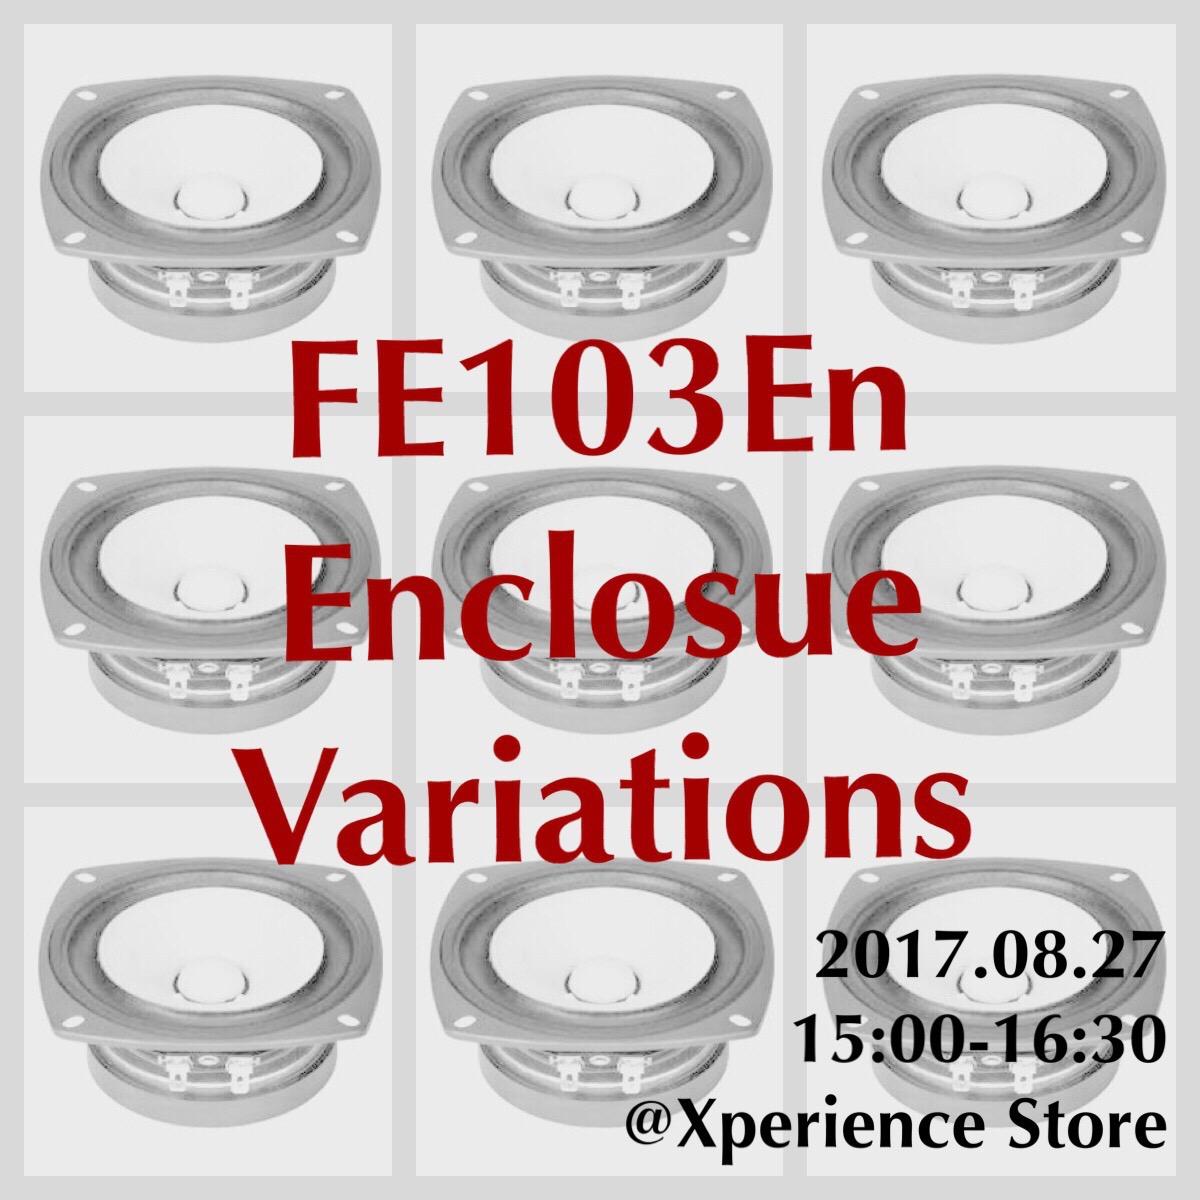 いろいろなエンクロージャーで聴くフルレンジ – FOSTEX FE103En